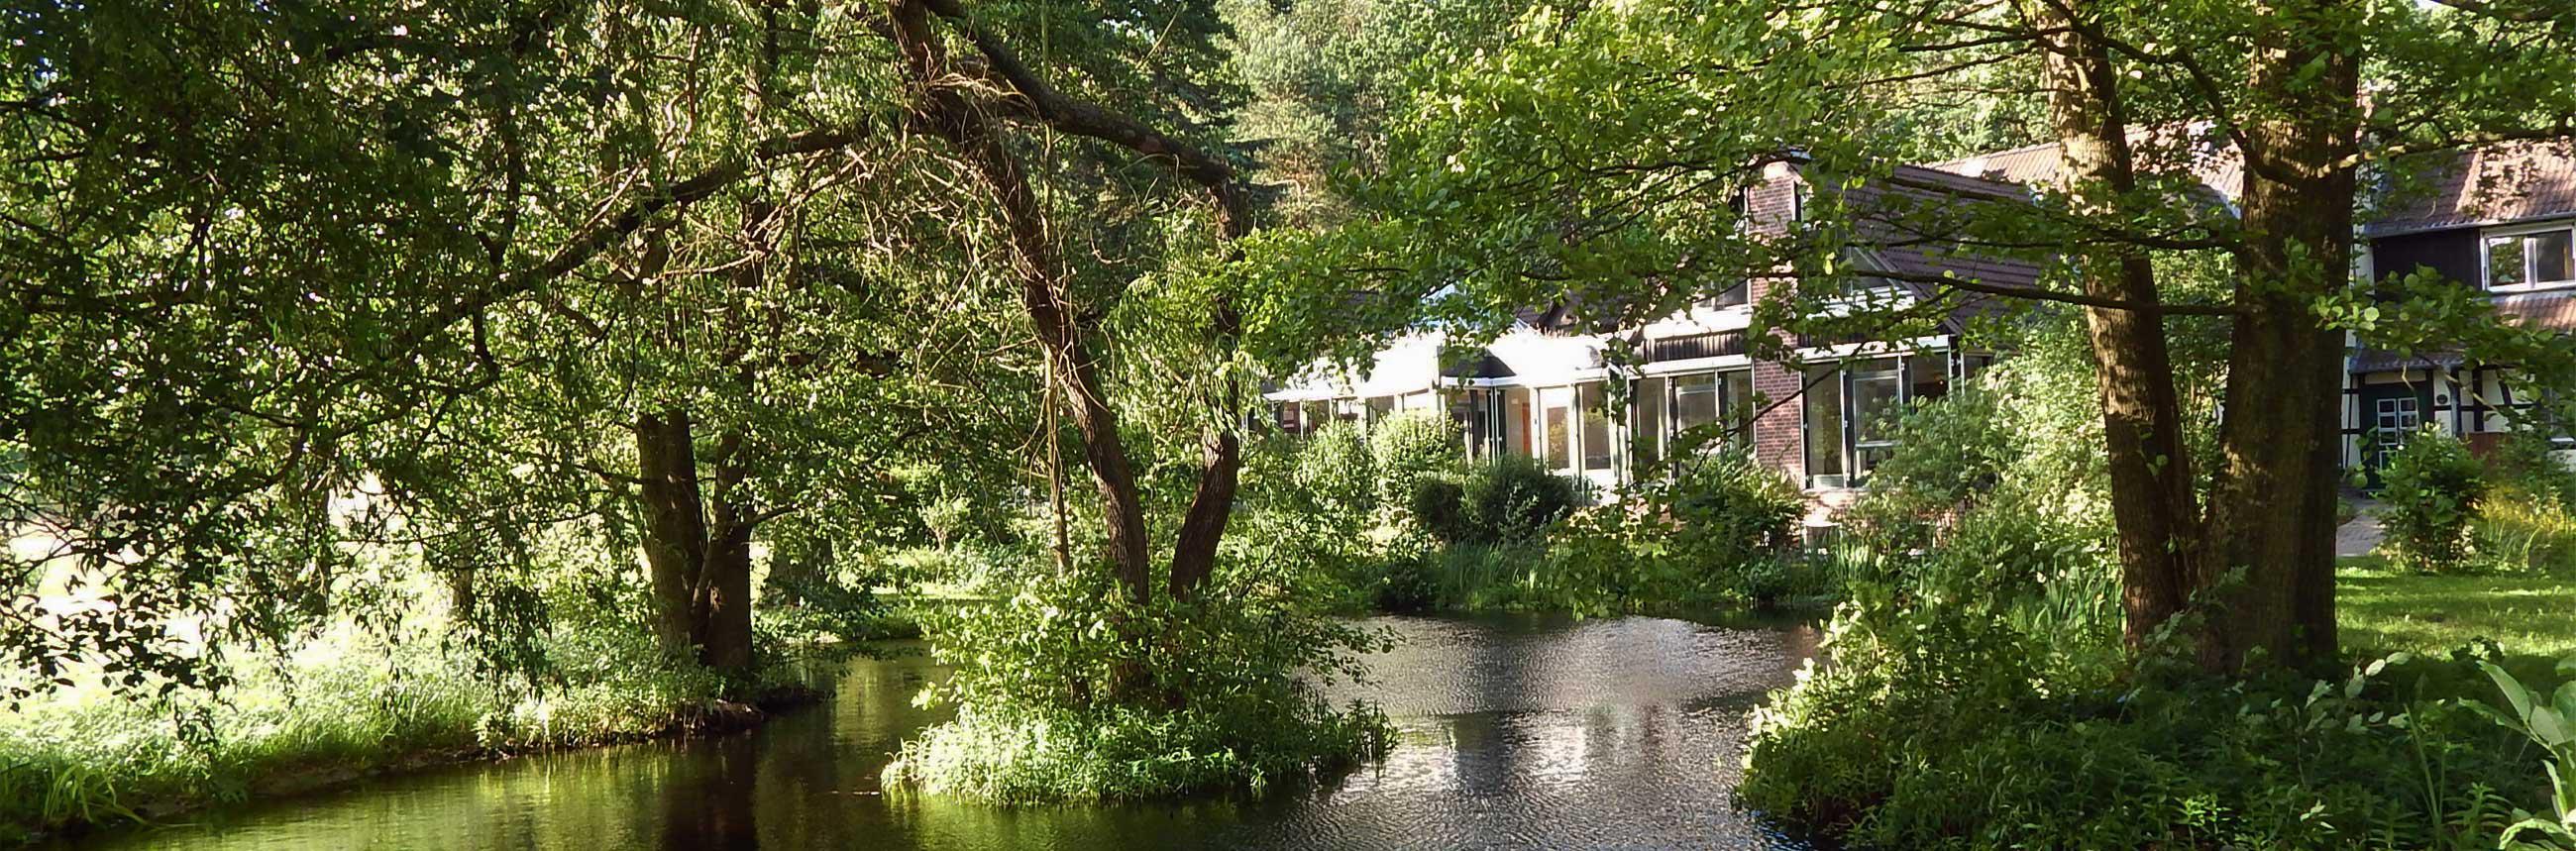 Ellernhof - Teich